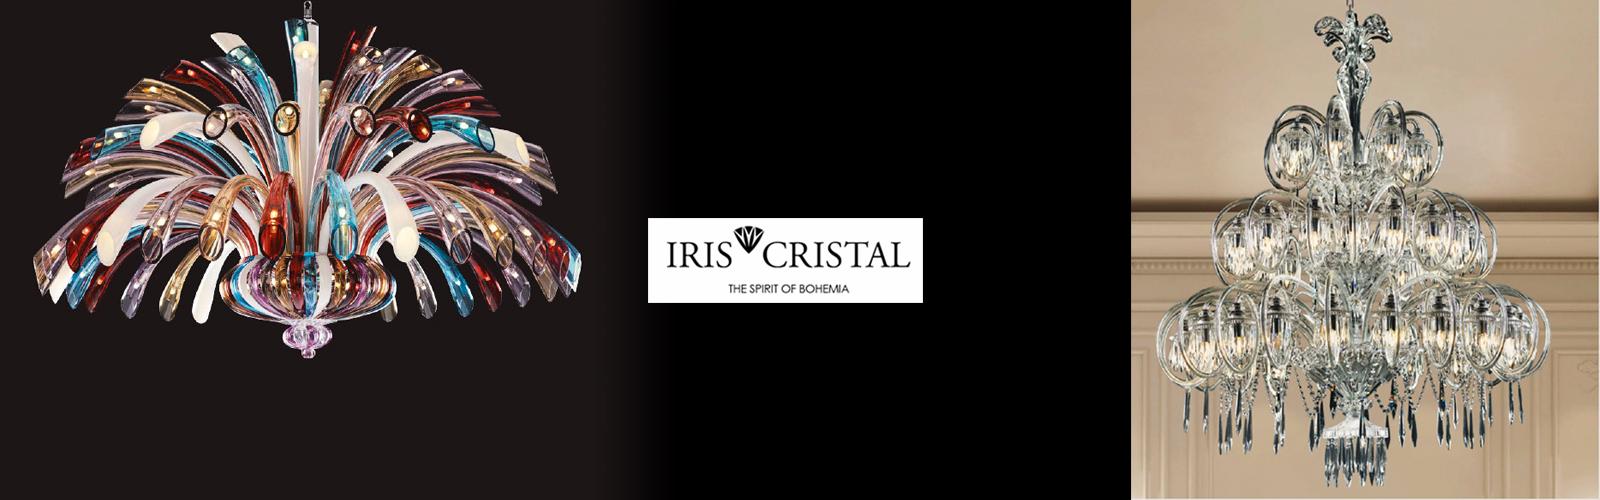 Iris Cristalのシャンデリア